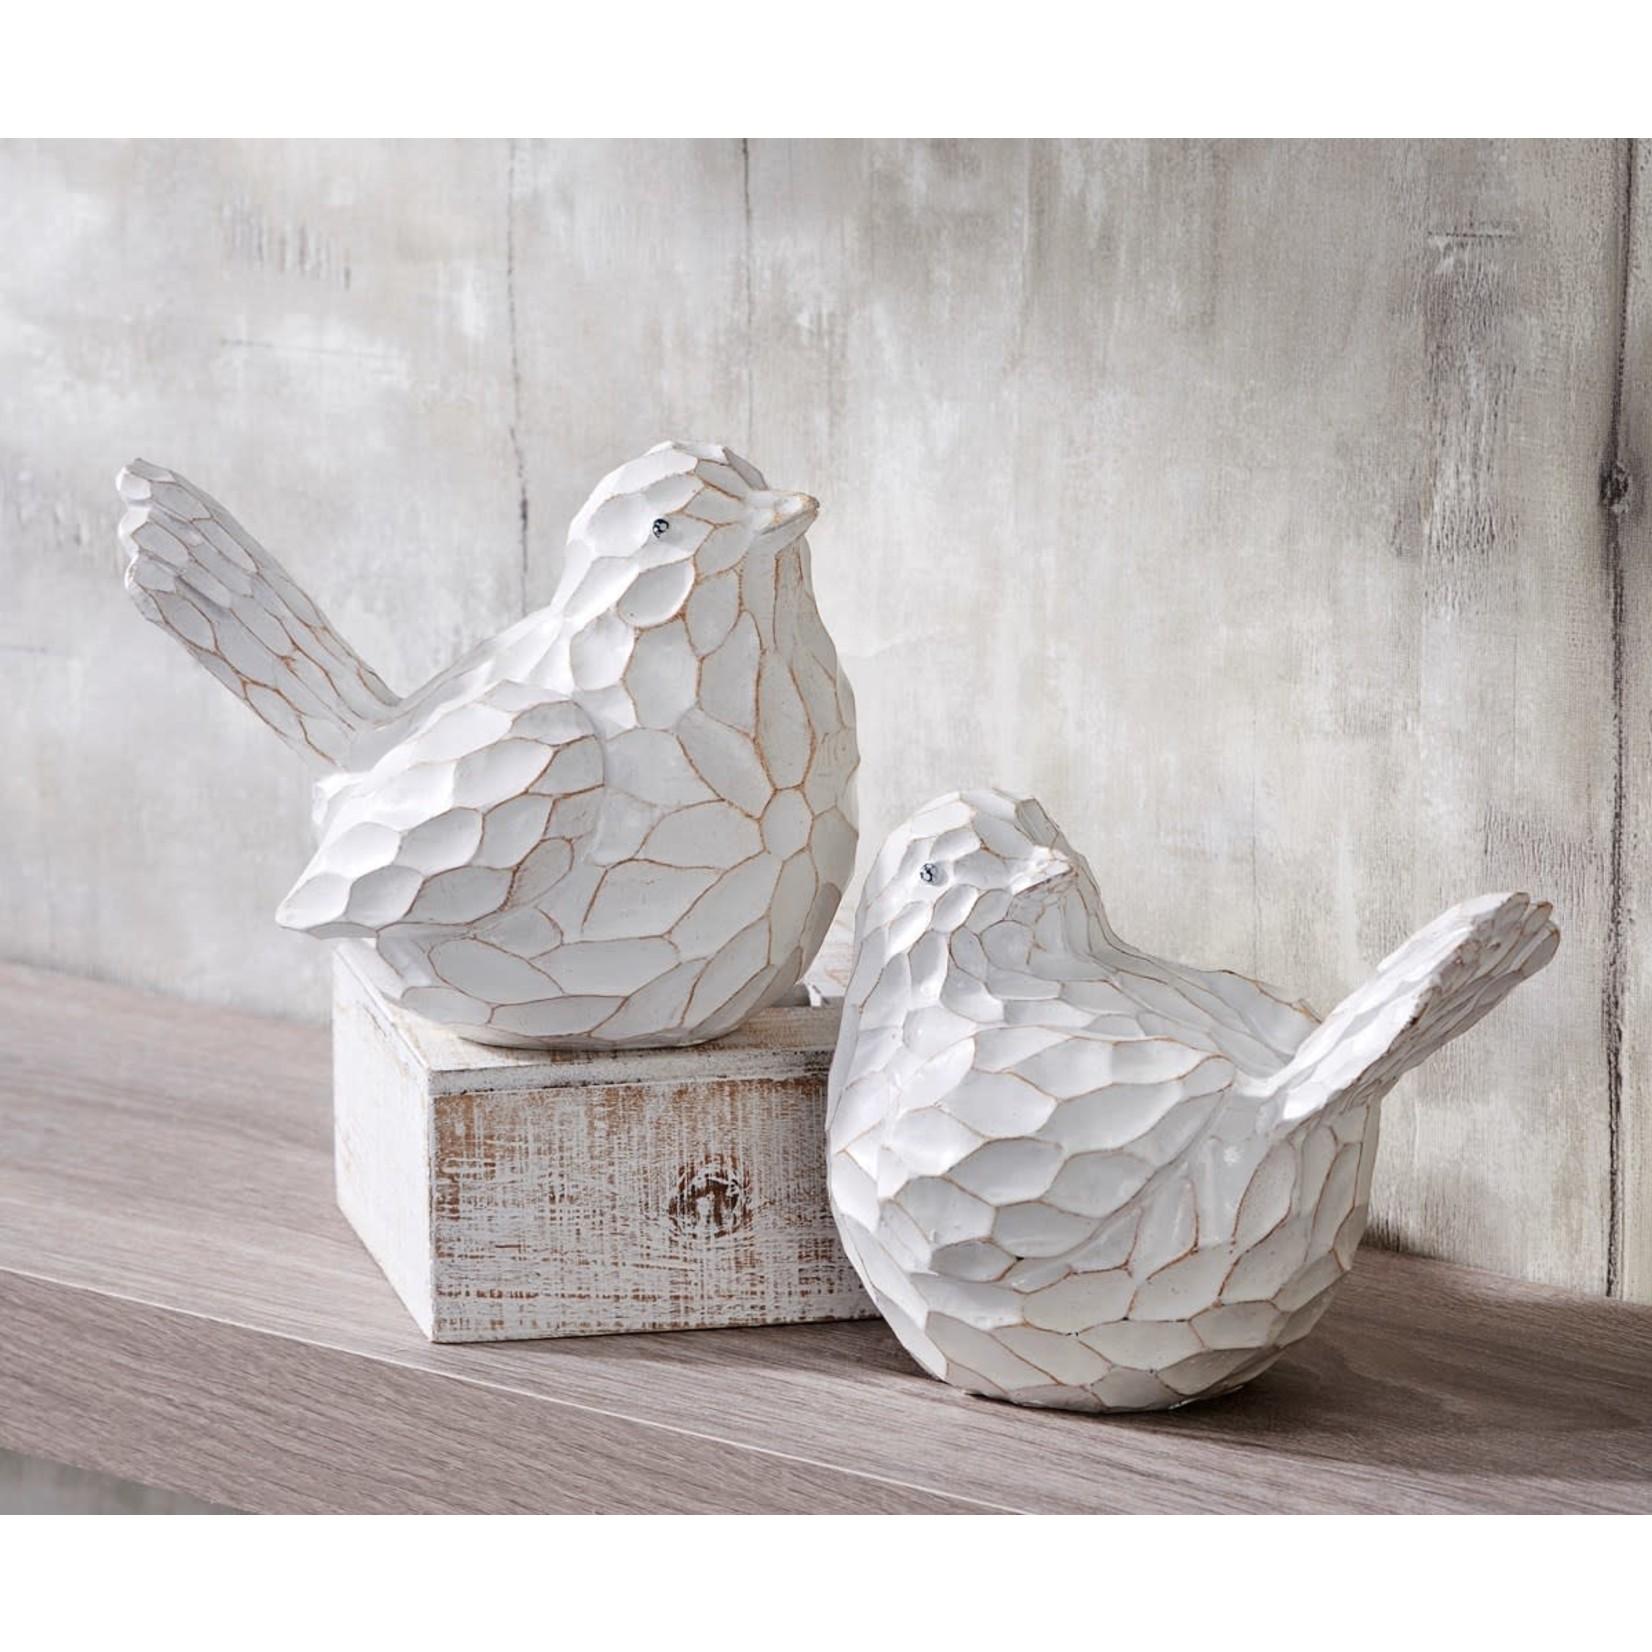 Giftcraft Inc. Decor: White Textured Bird Figure (asst.)